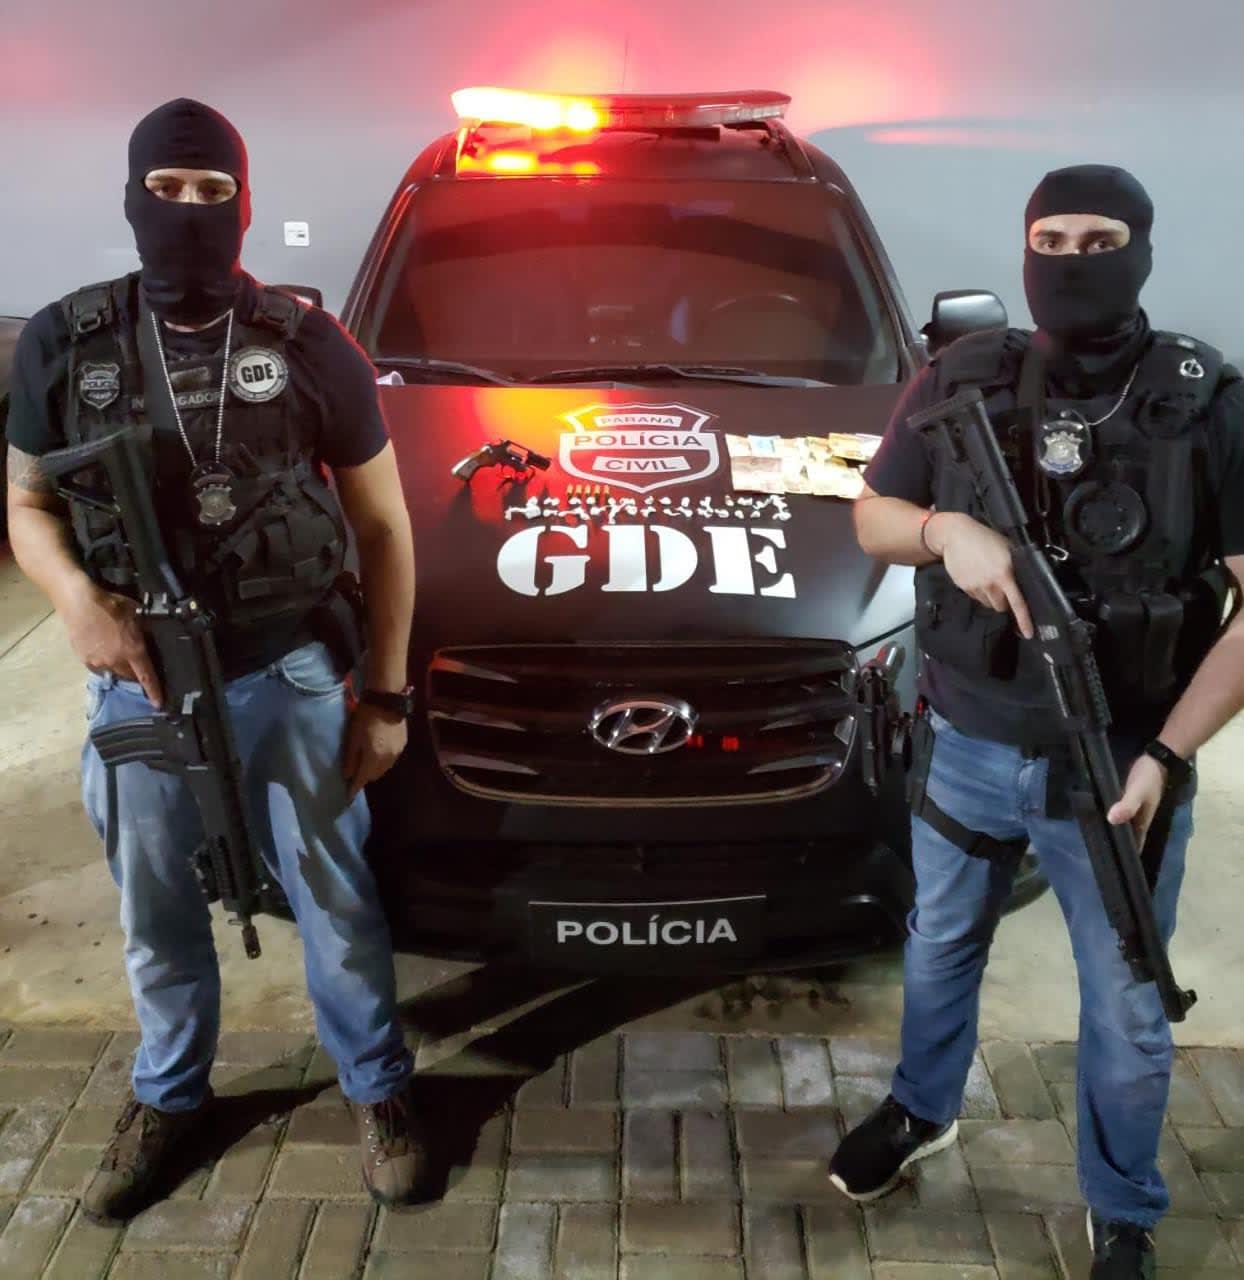 Policia Civil (GDE) prende dois traficantes e apreende um menor por tráfico de drogas